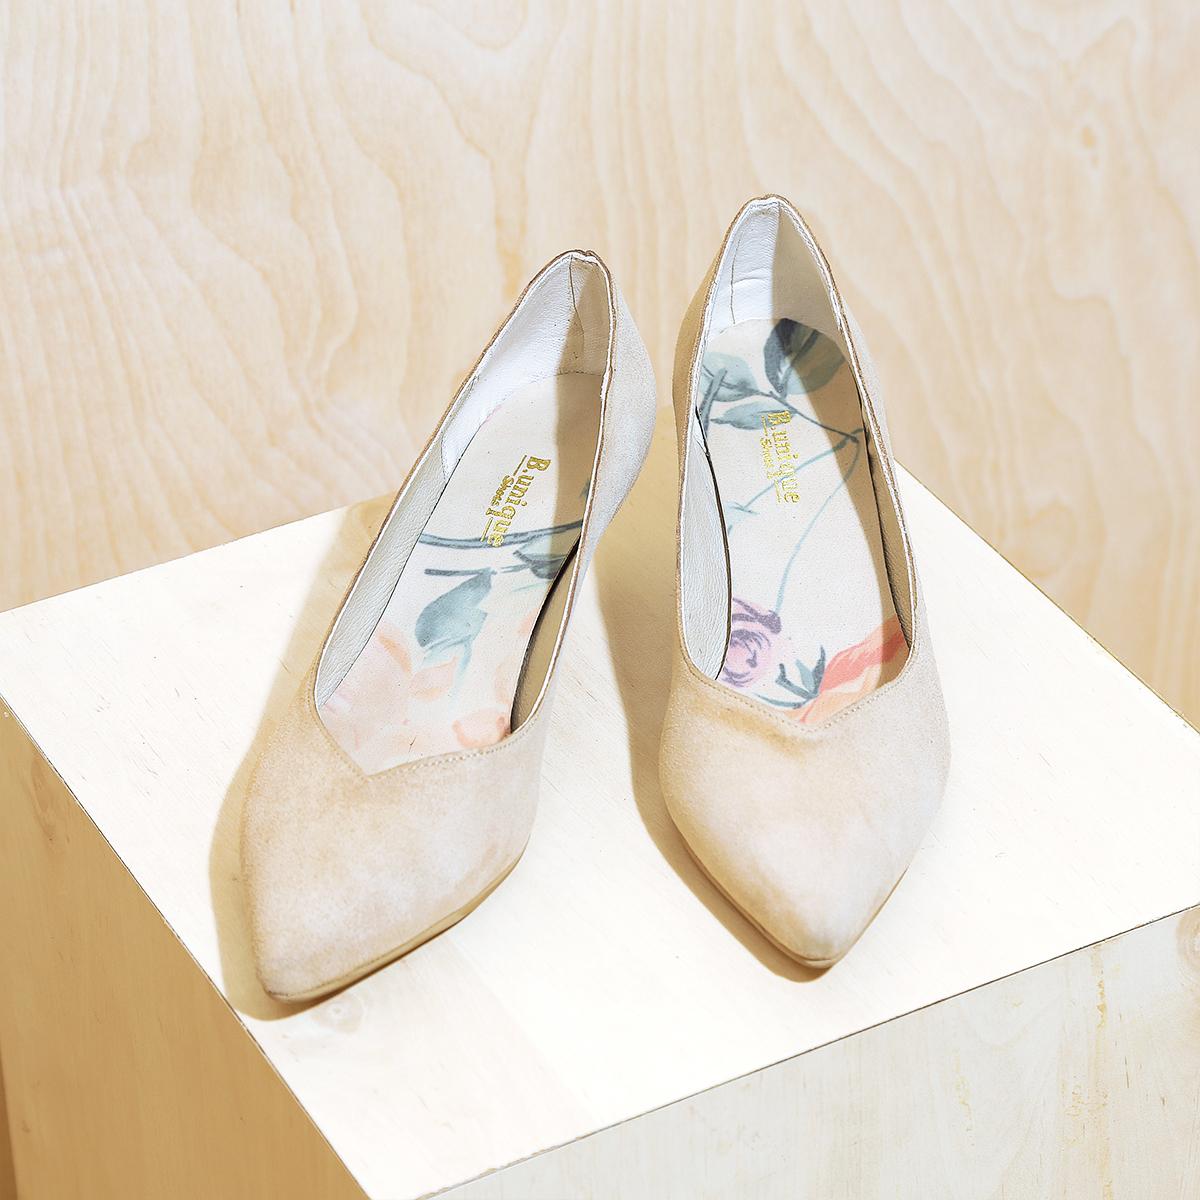 דגם ג'רזי: נעלי עקב בצבע חול